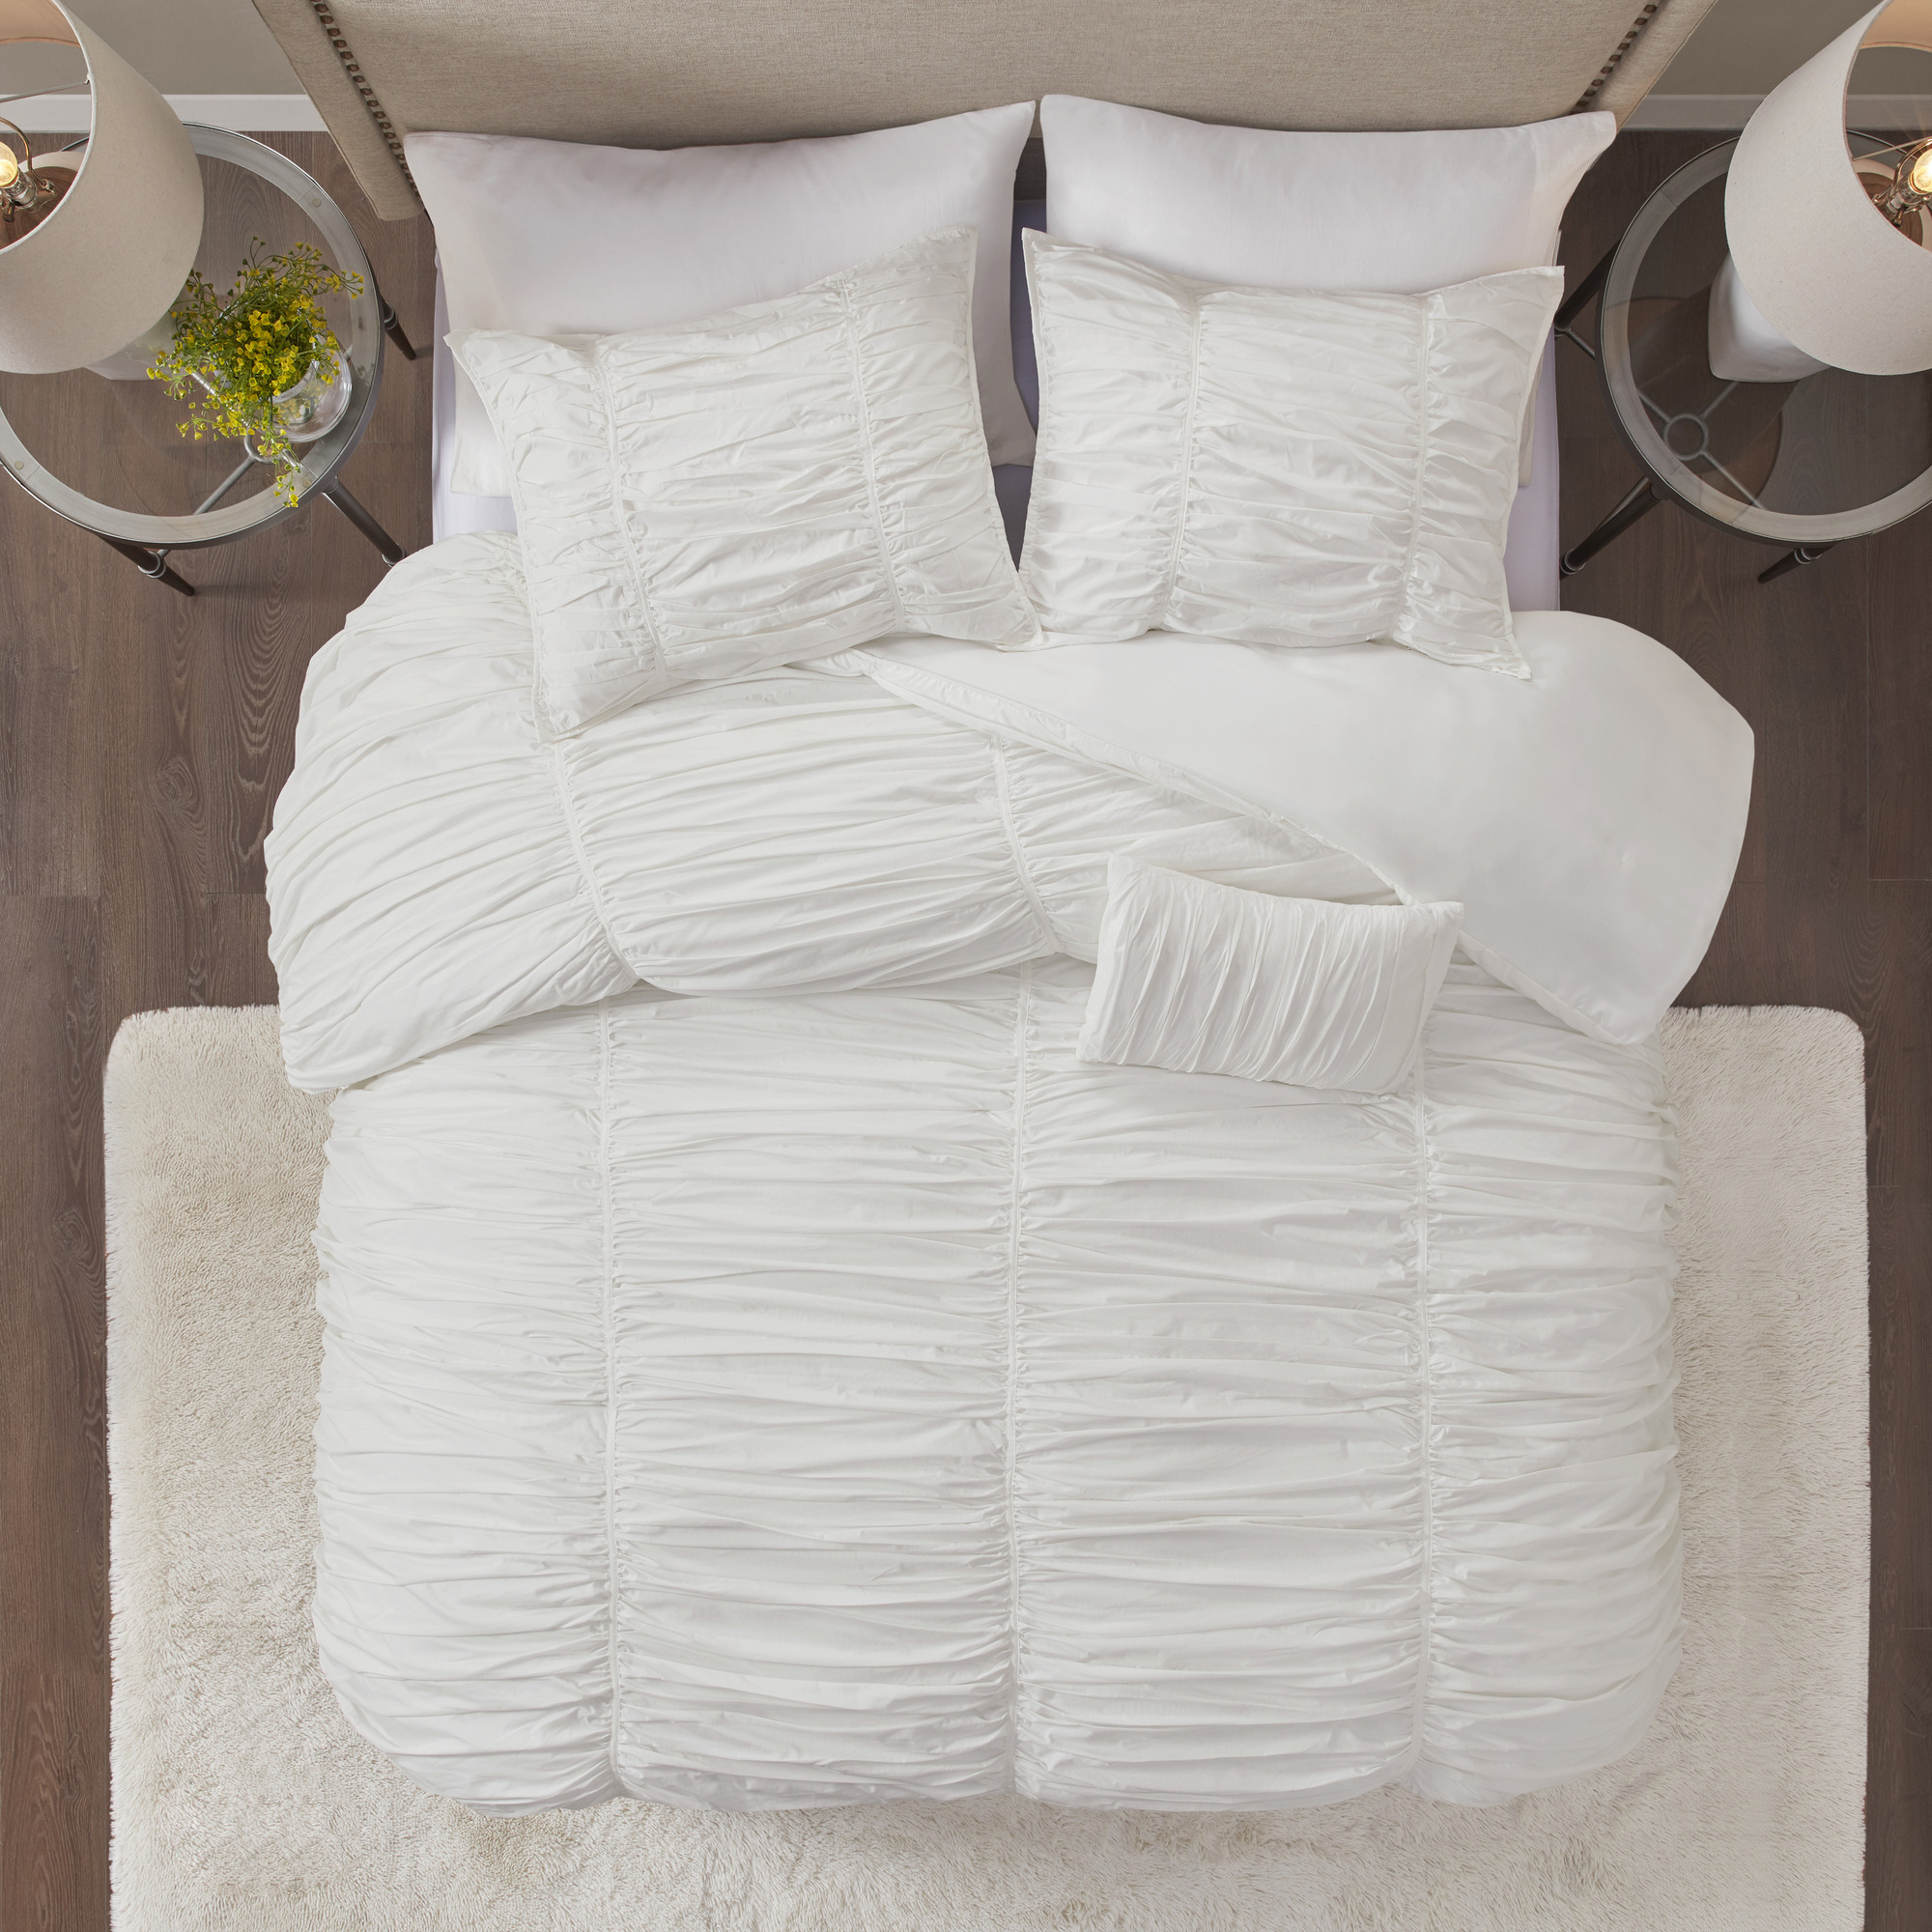 Home Essence Pacifica 4 Piece Comforter Set Walmart Com Walmart Com